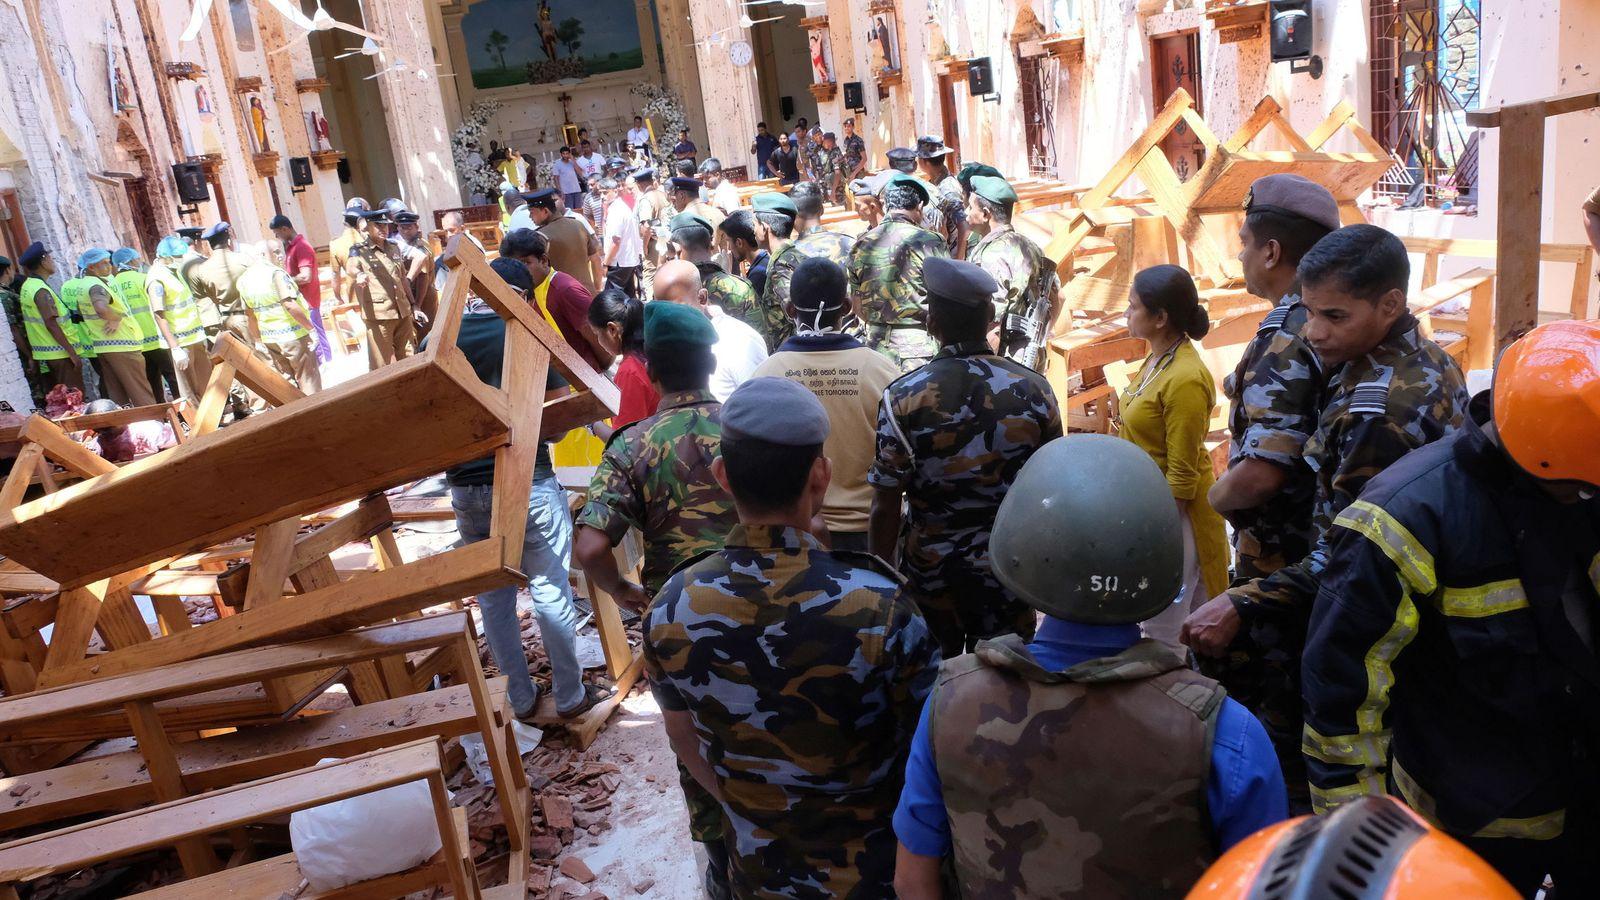 Foto: Interior de una iglesia destrozada por el efecto de las bombas. (Reuters)